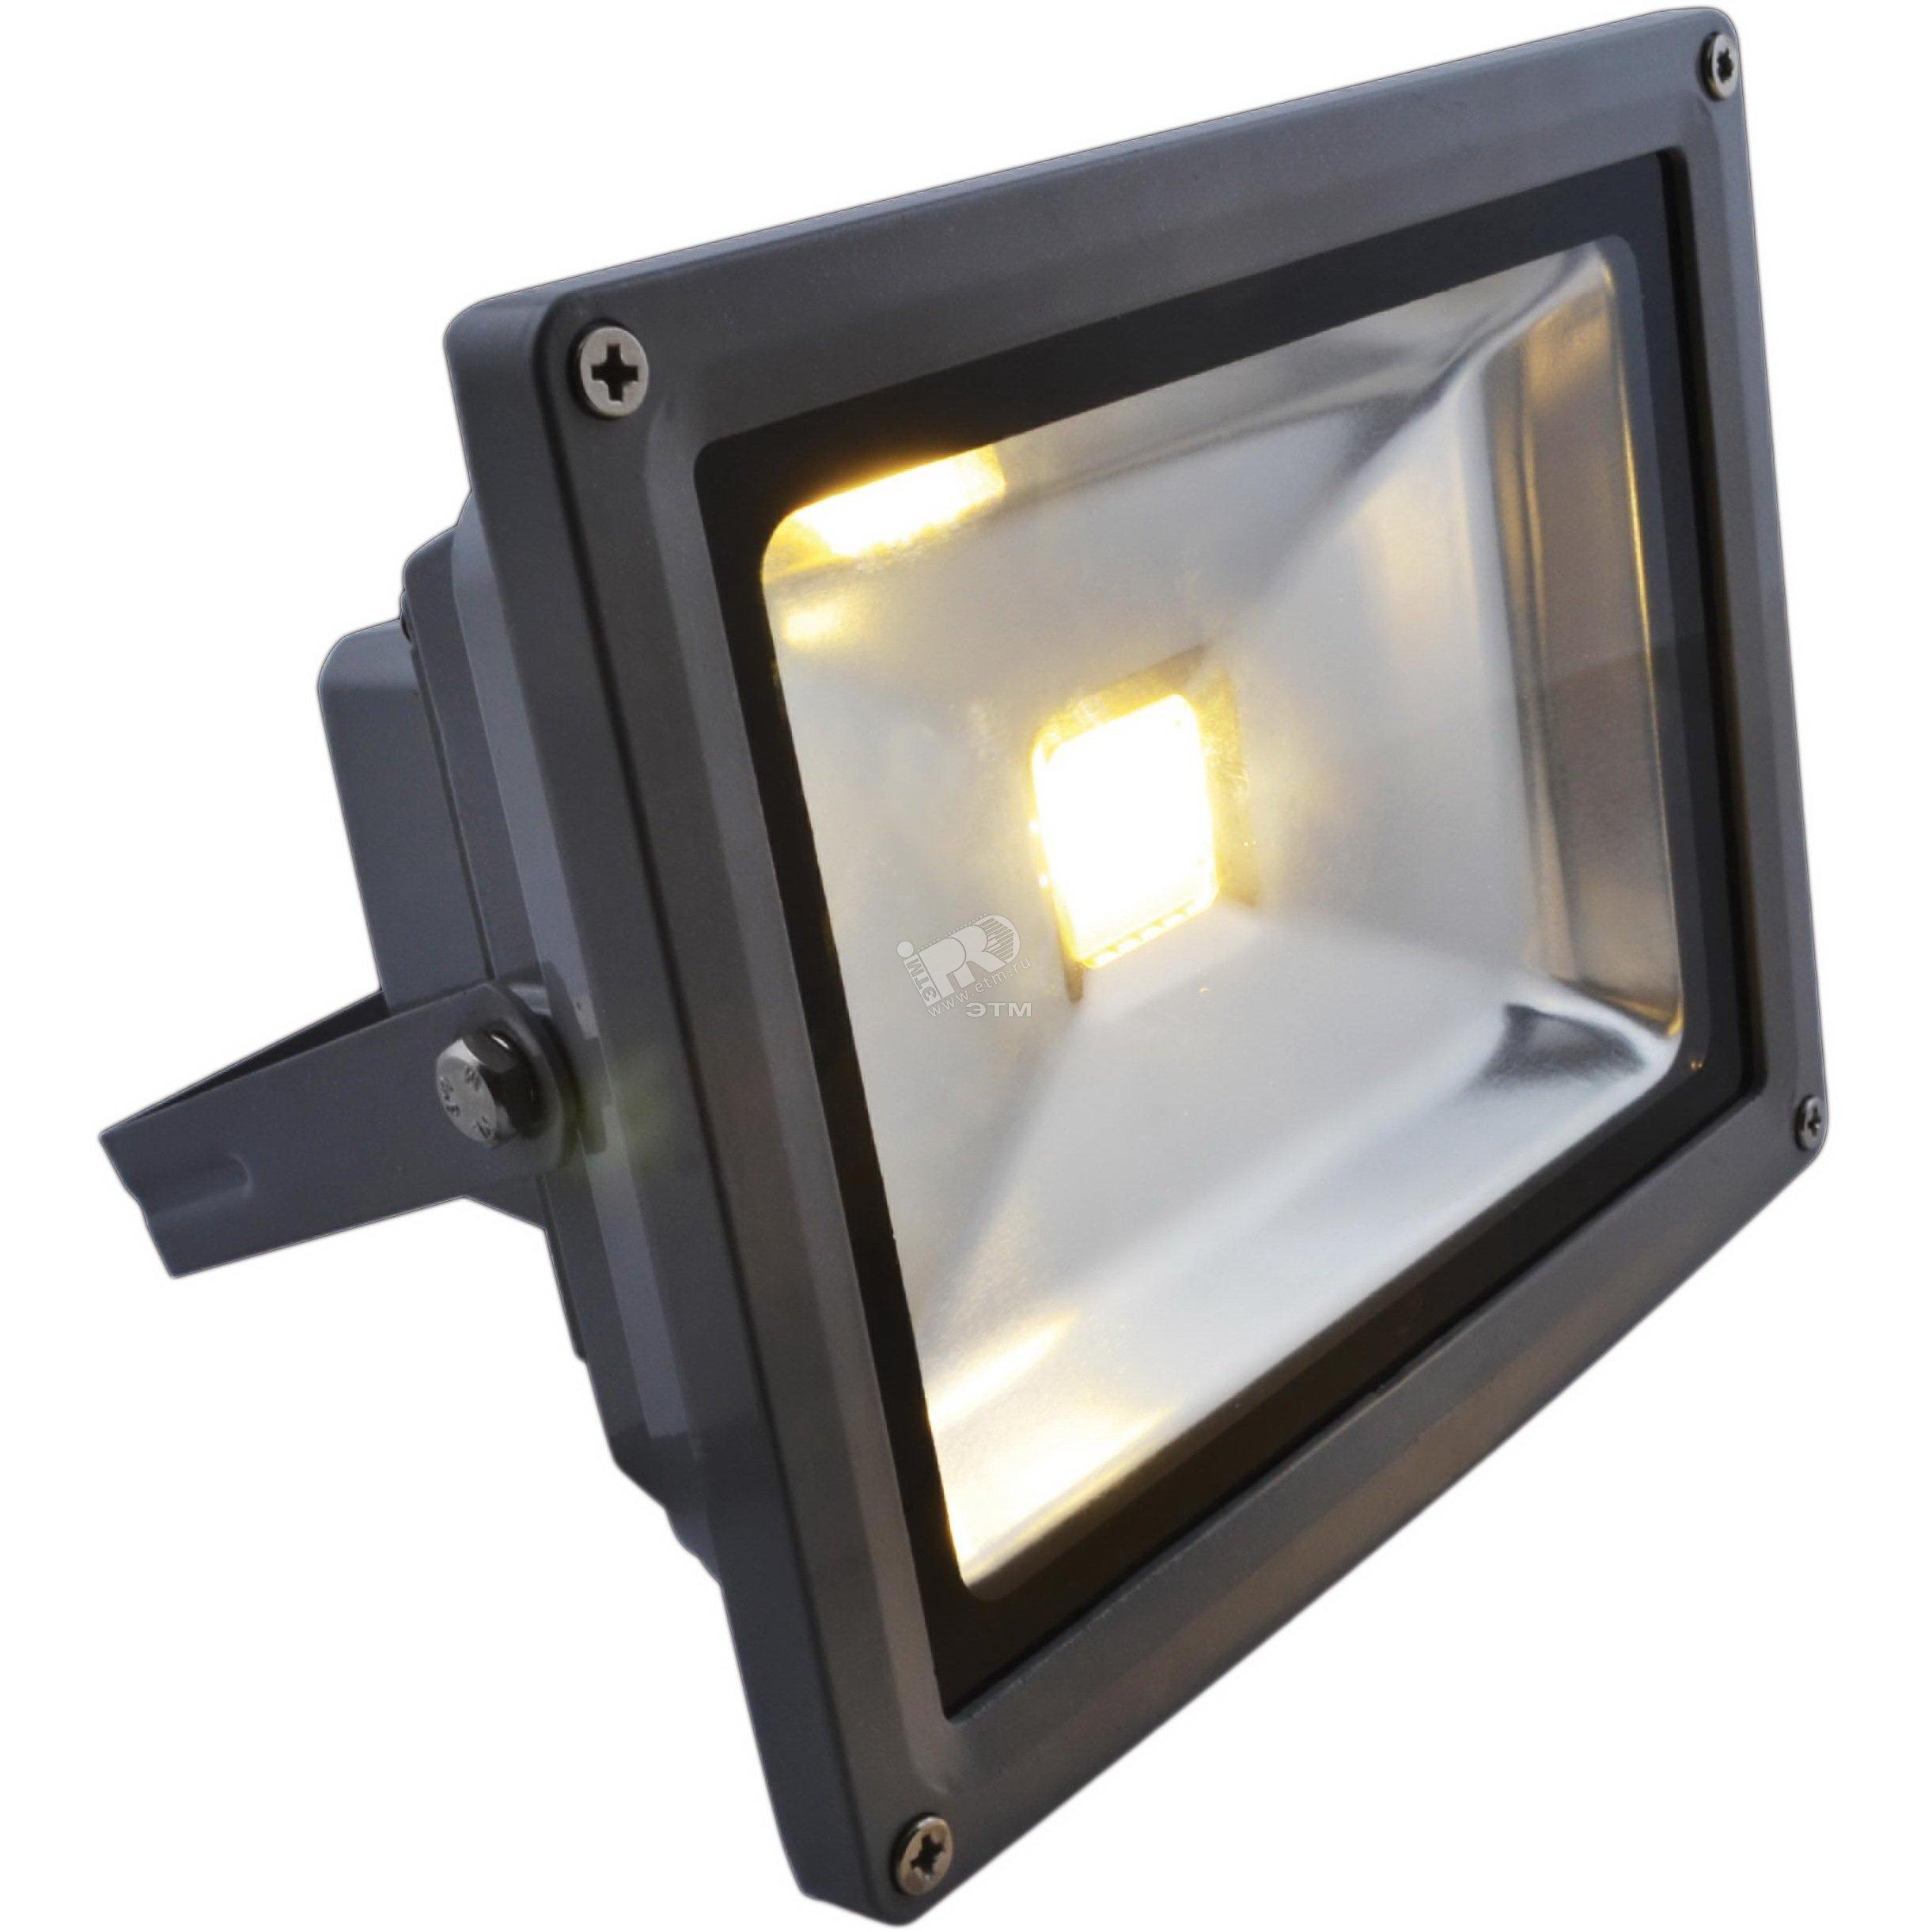 светодиодные светильники ,прожектора | светодиодные светильники ,прожектора | https://energo-74.ru/images/803.jpg